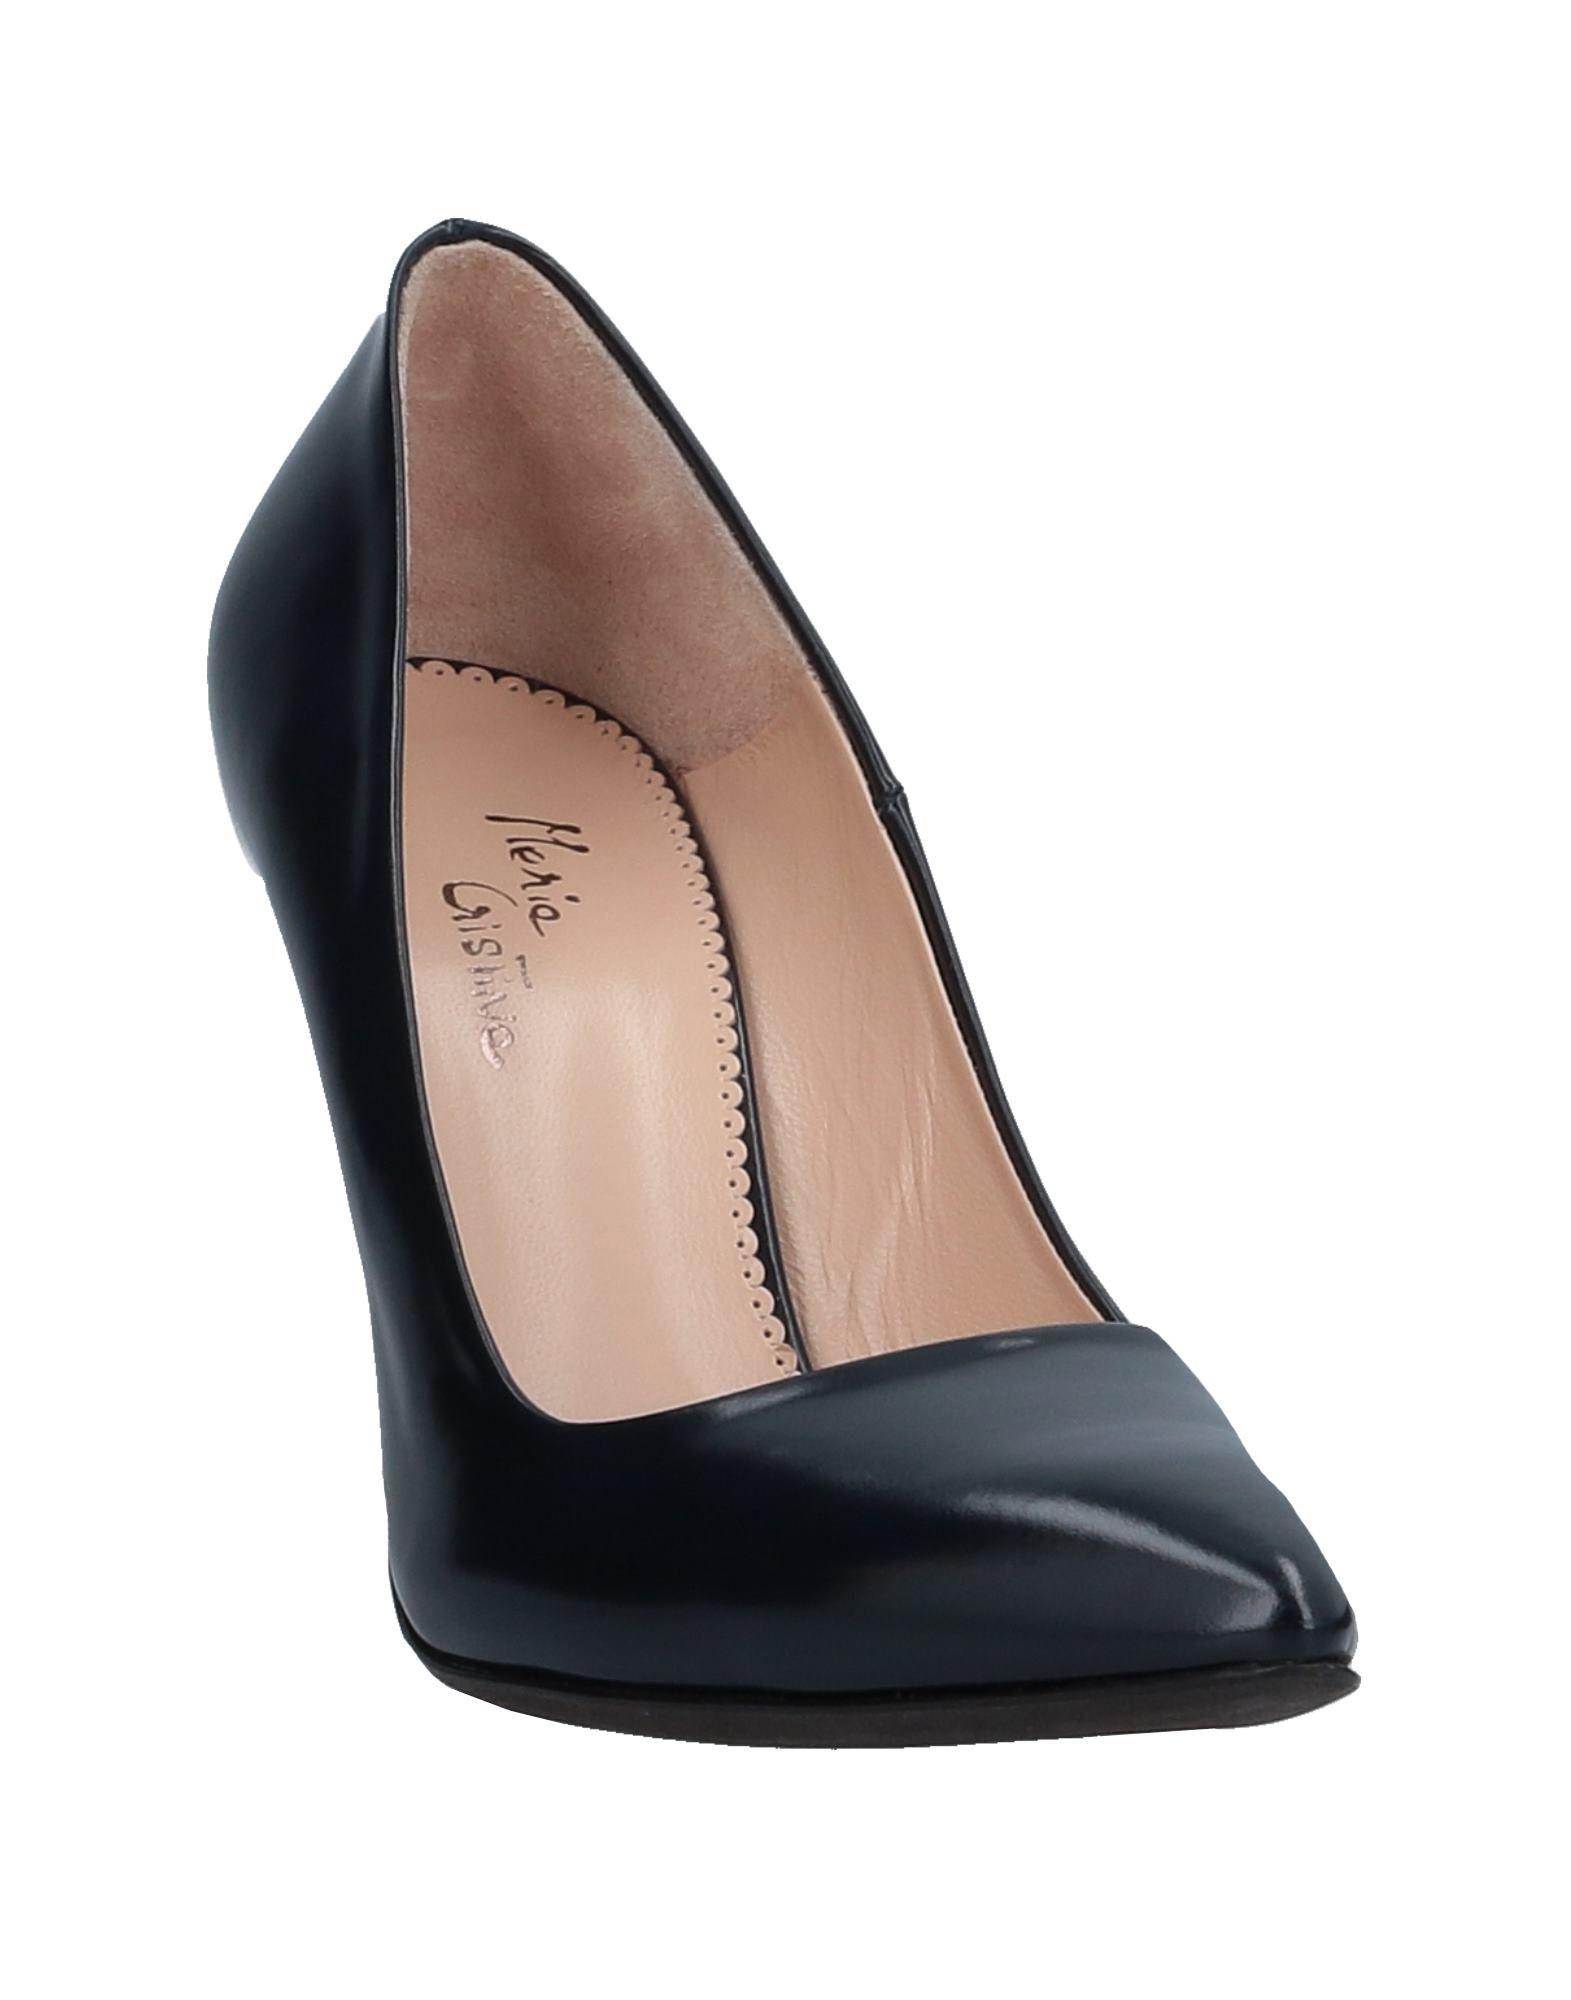 Maria Cristina Pumps Damen beliebte  11505519AO Gute Qualität beliebte Damen Schuhe 18189f